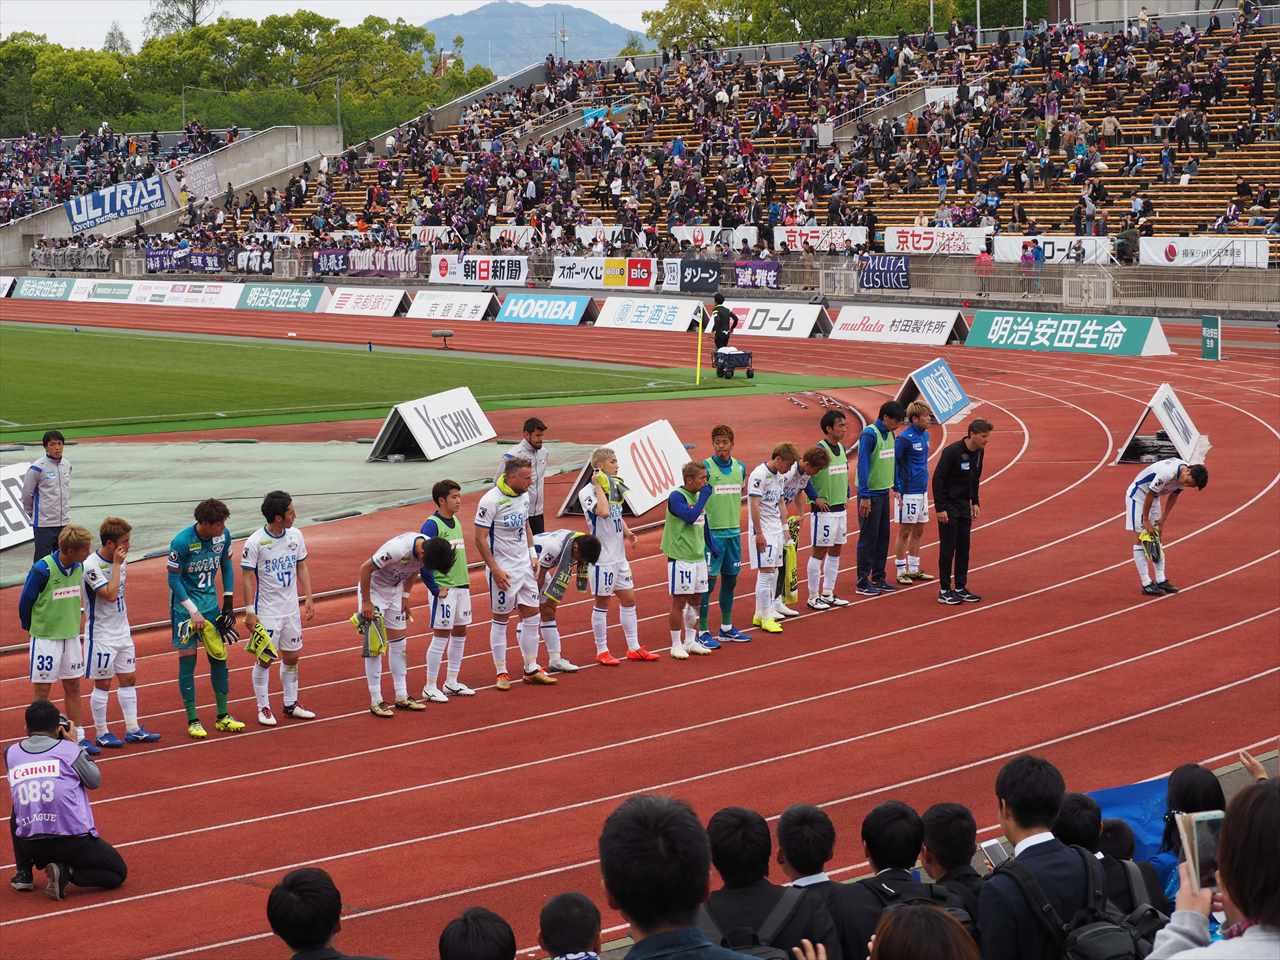 2019年4月28日 京都サンガvs徳島ヴォルティス スコアレスドロー 選手挨拶